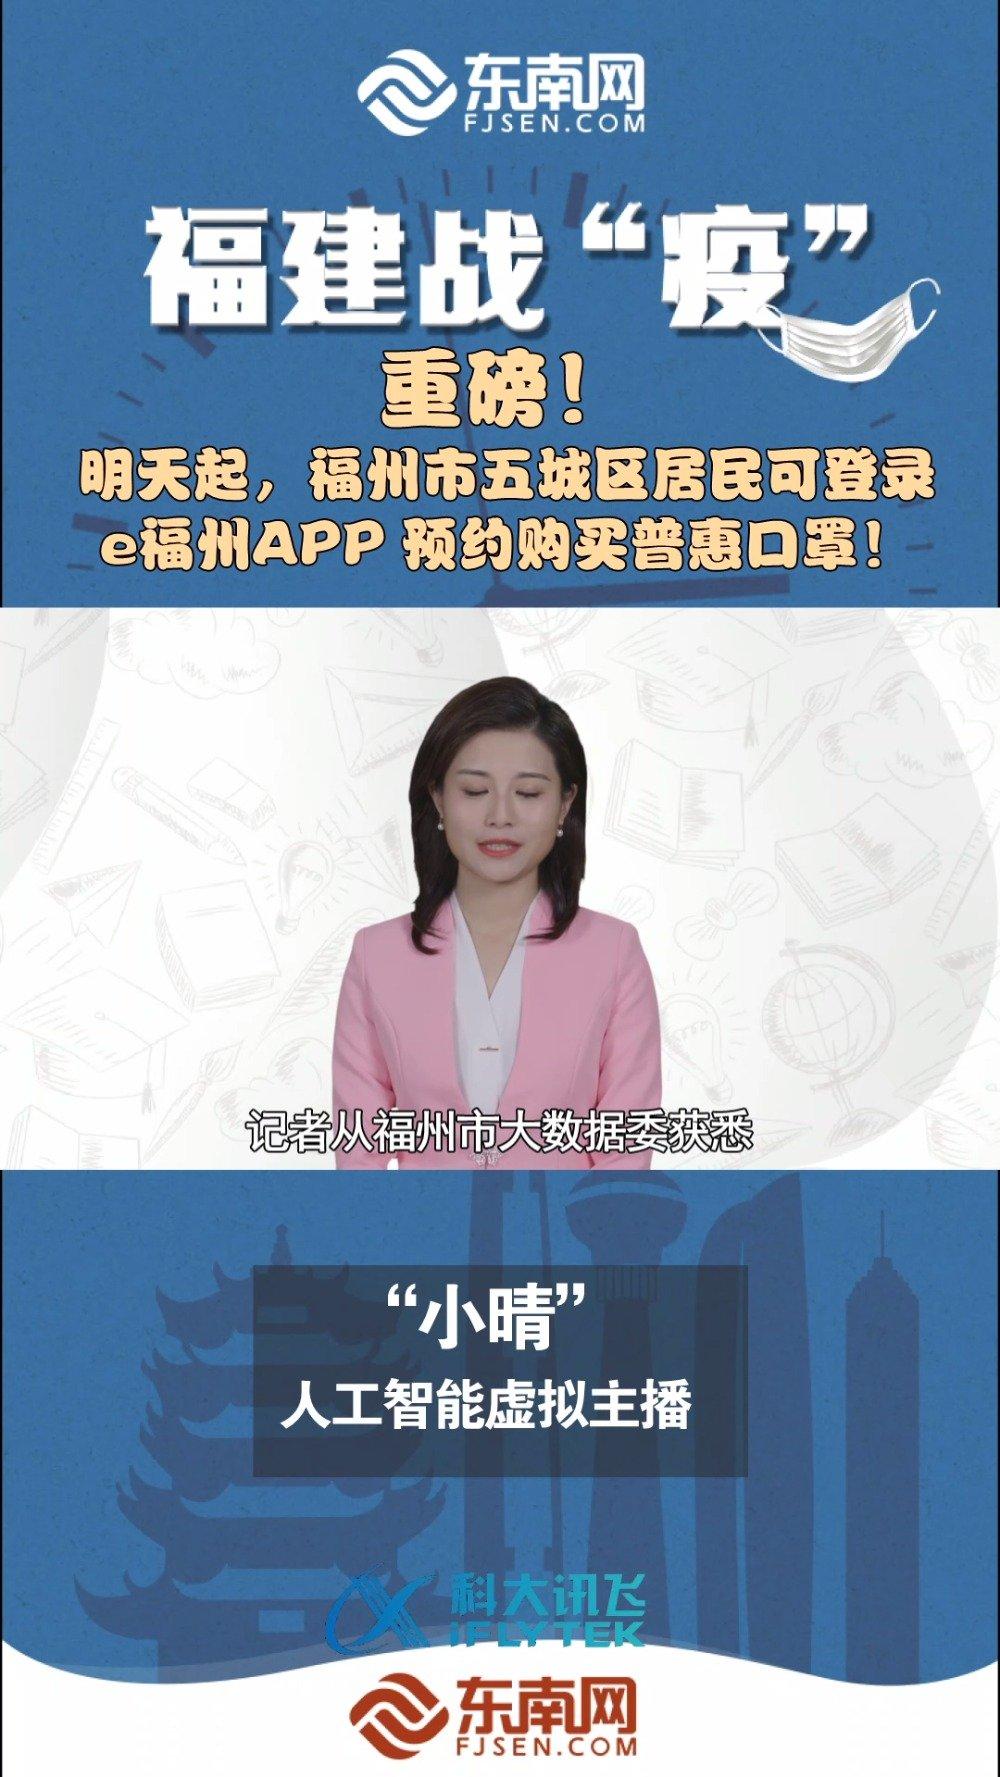 重磅!明天起,福州市五城区居民可登录e福州APP 预约购买普惠口罩